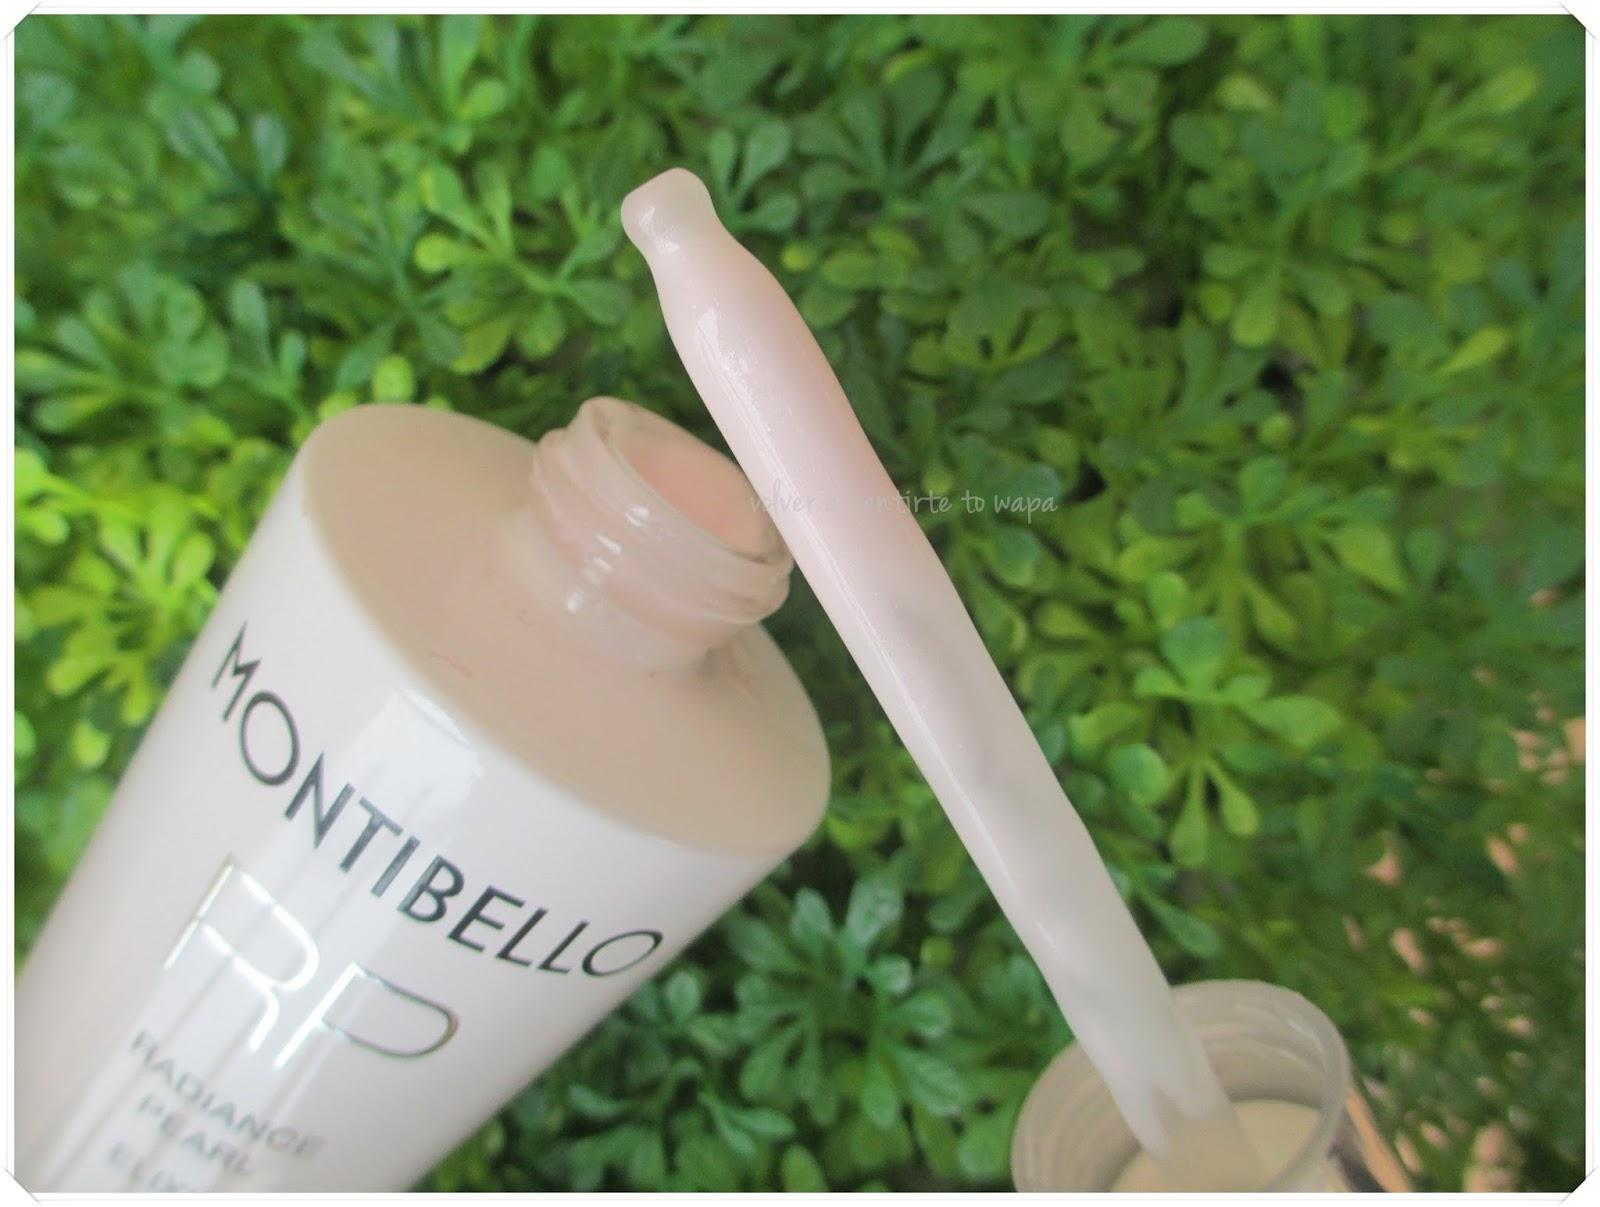 Radiance Pearl Elixir de Montibello, dando luz y vitalidad al rostro